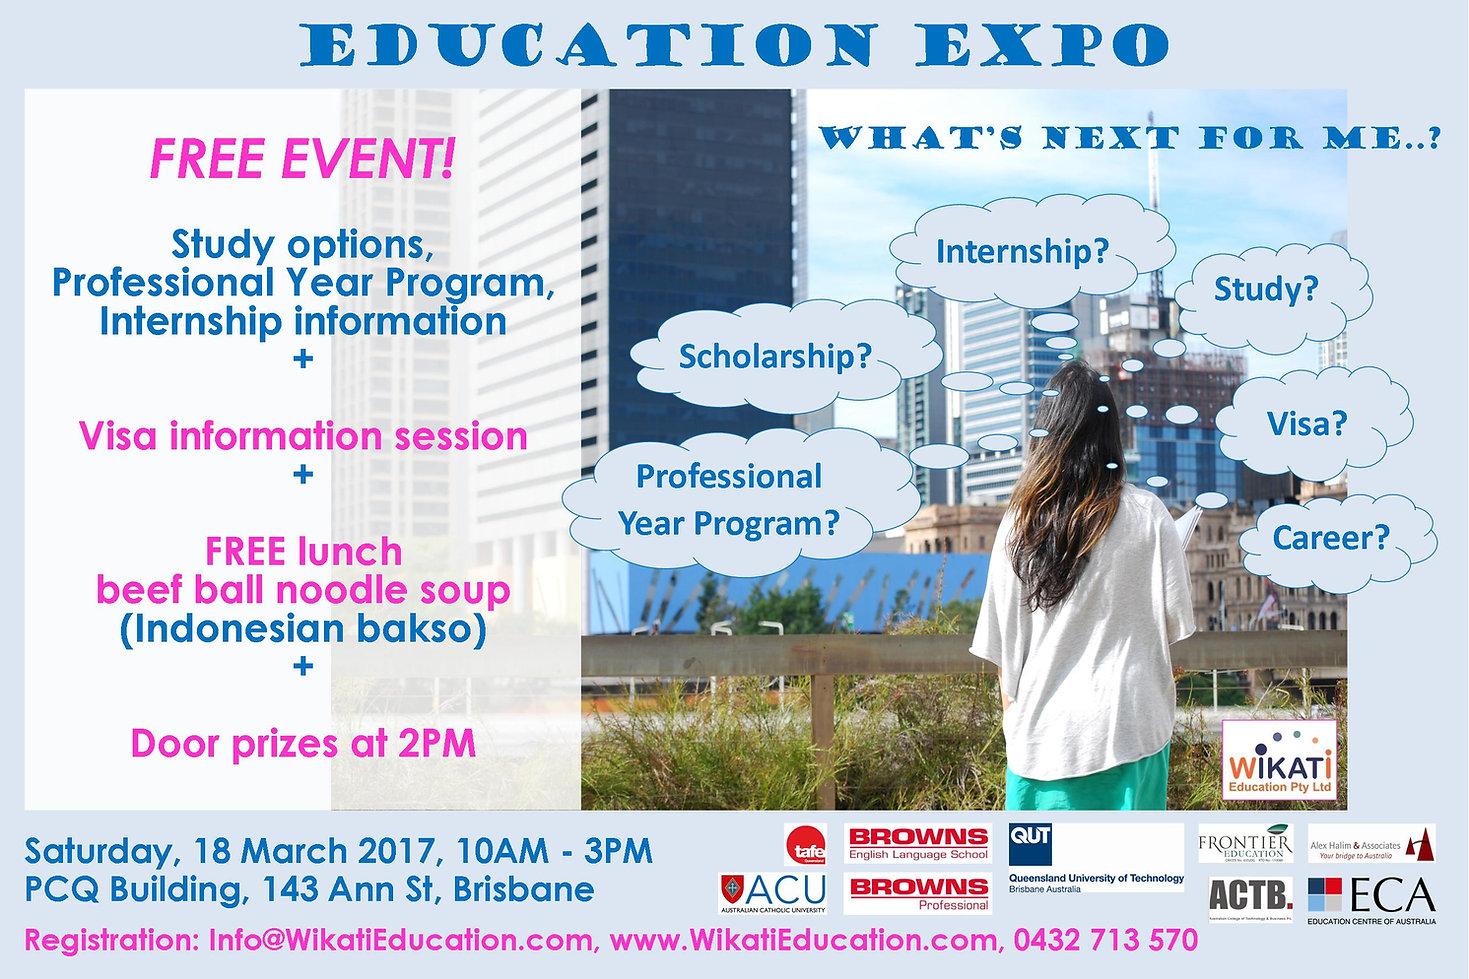 Wikati Education Expo & Seminars - 22 March 2016 - Brisbane Australia